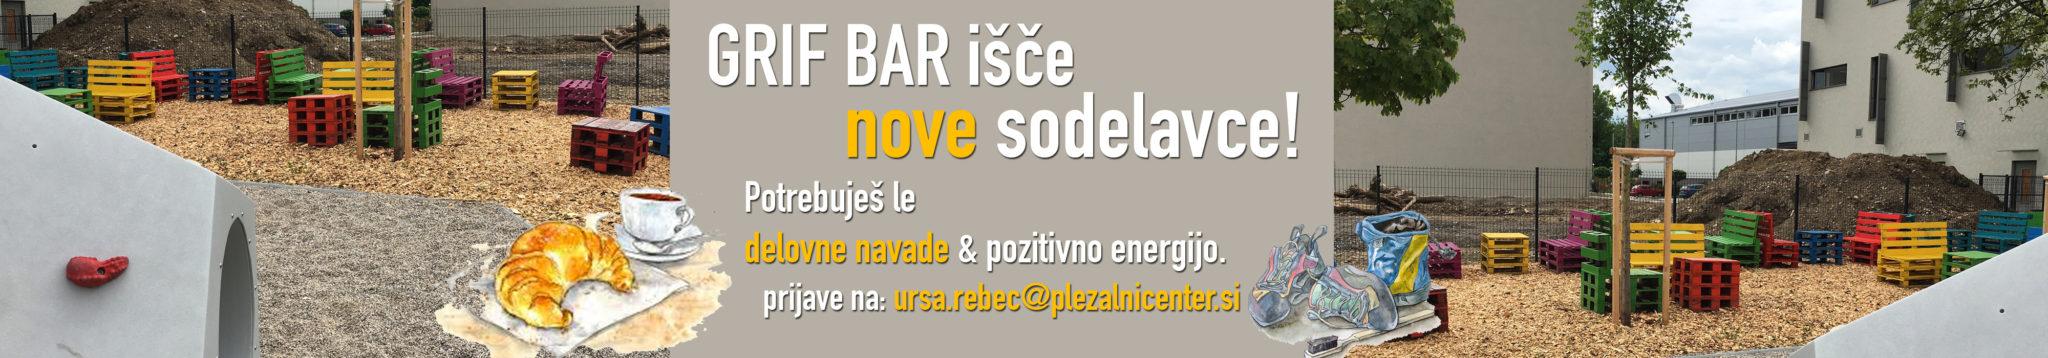 grif-bar-oglas